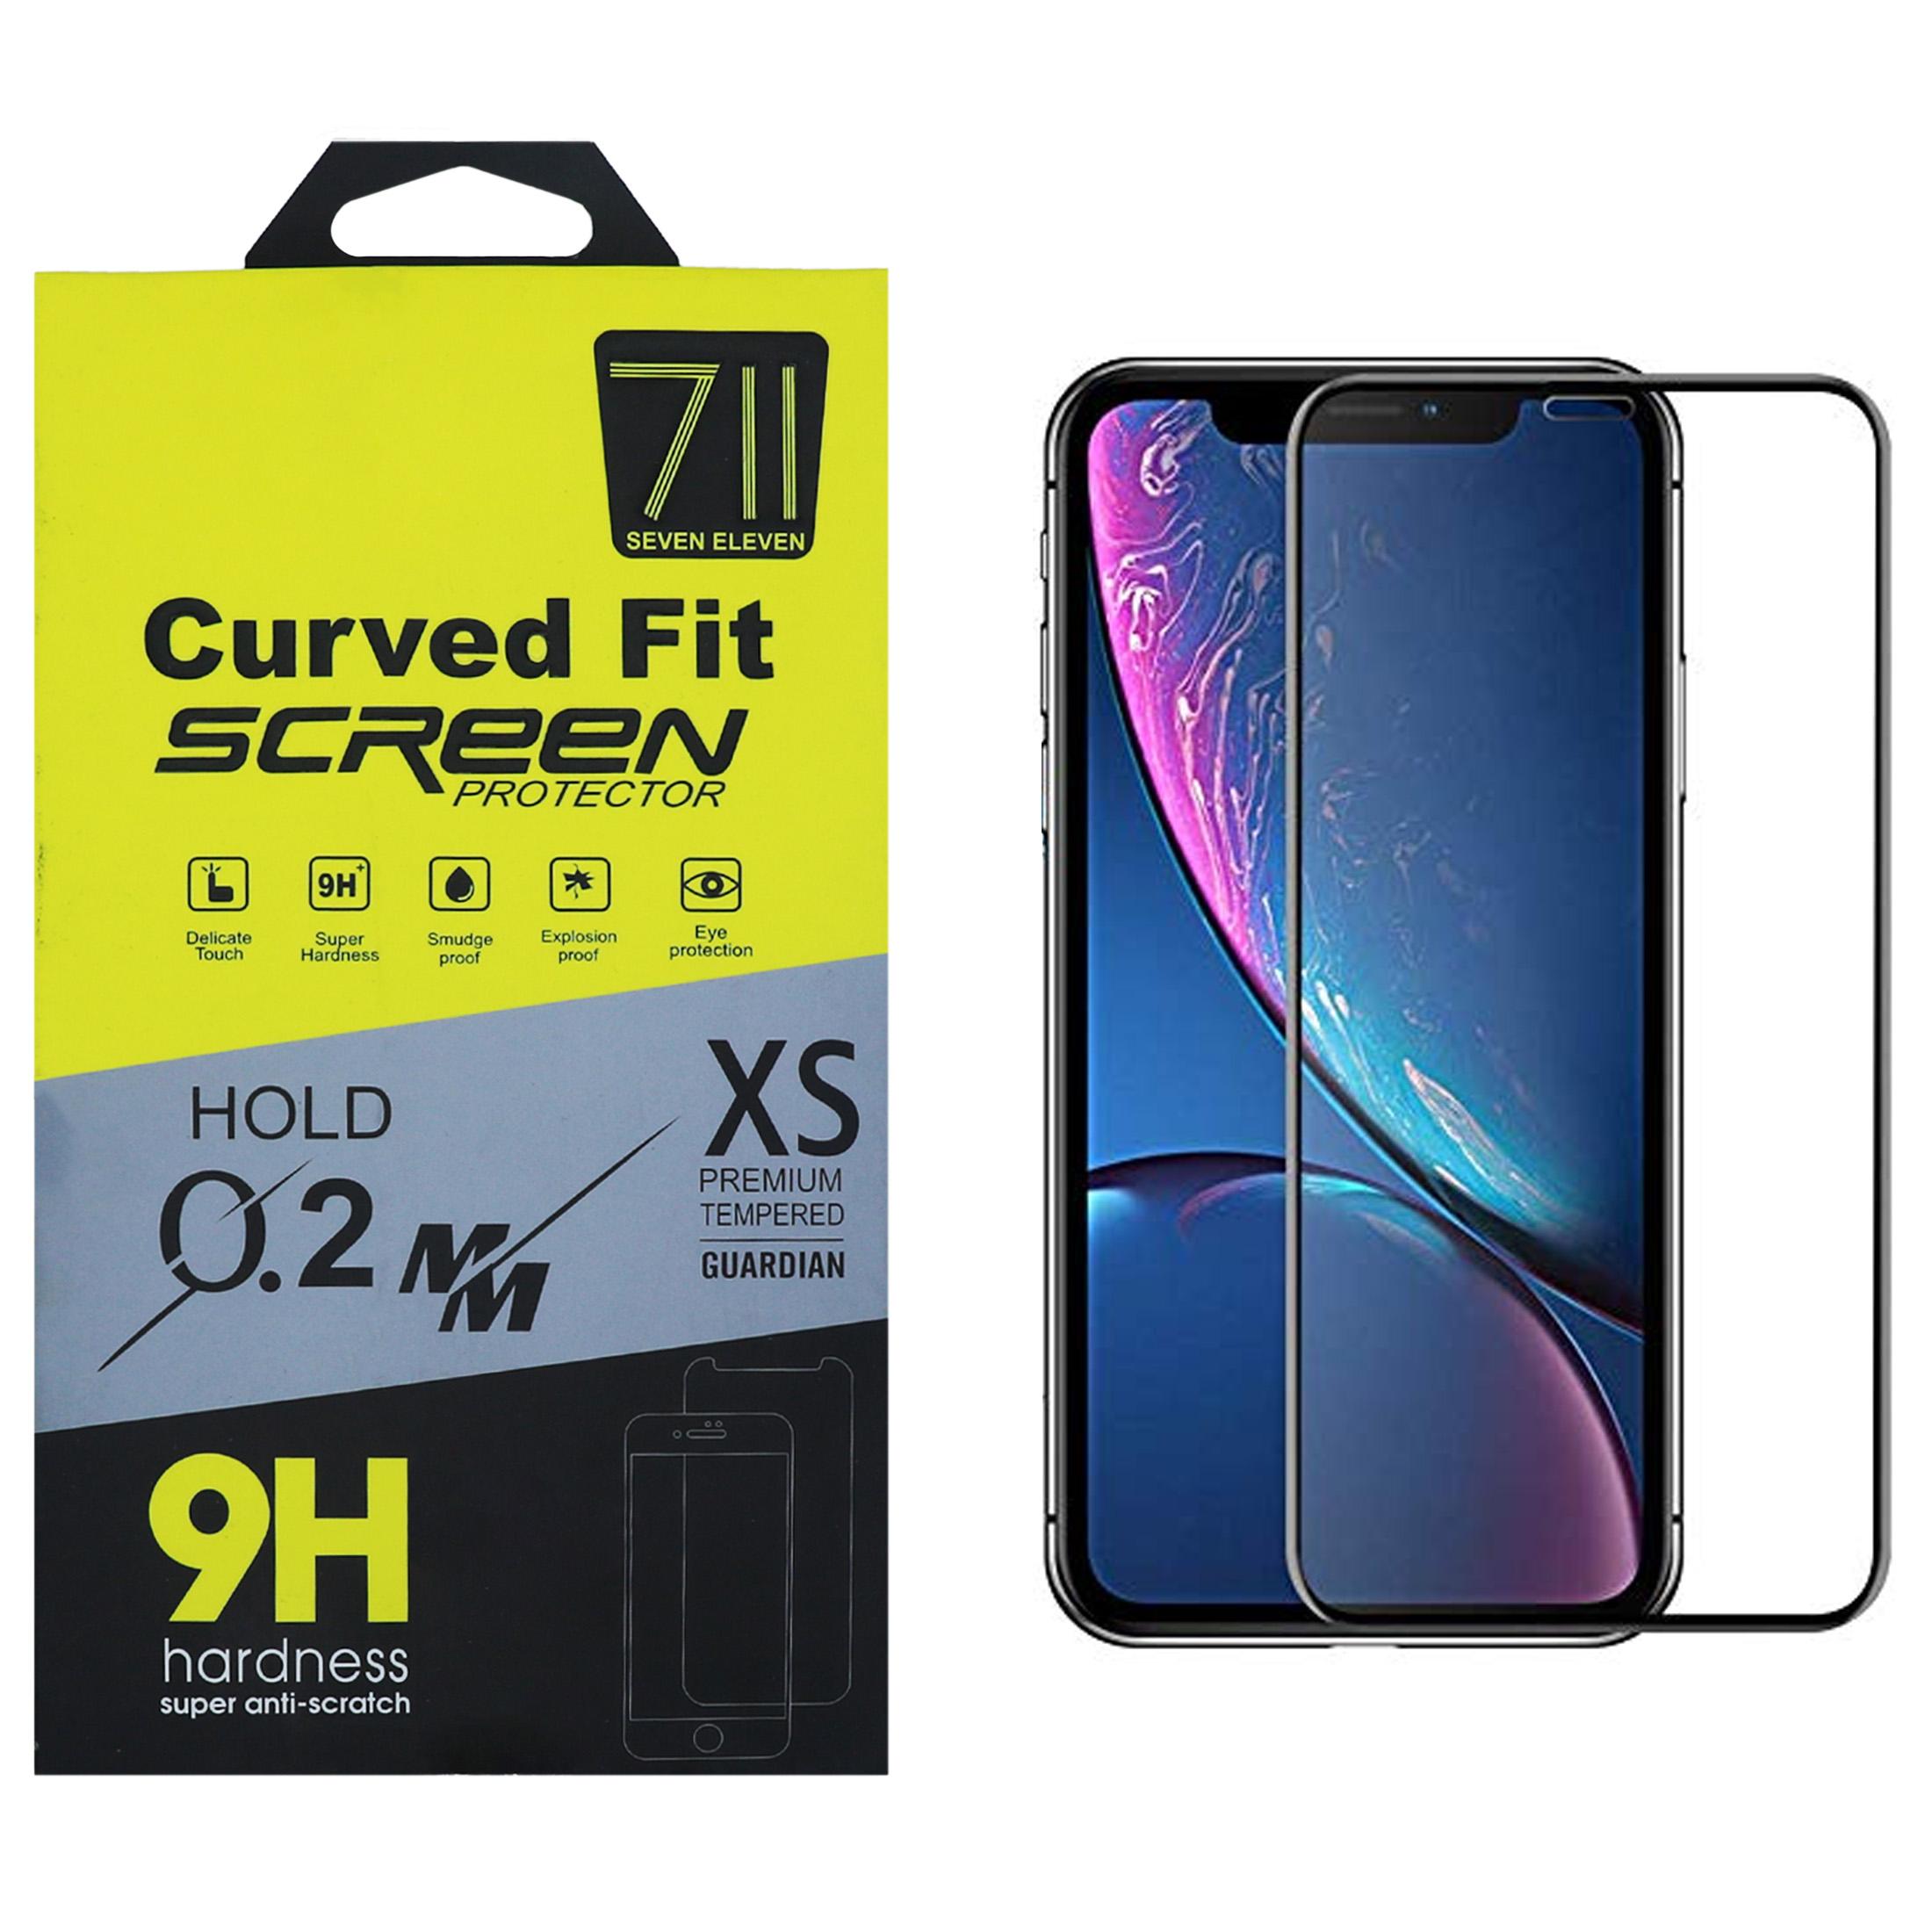 محافظ صفحه نمایش سون الون مدل PU-24 مناسب برای گوشی موبایل اپل iPhone XR